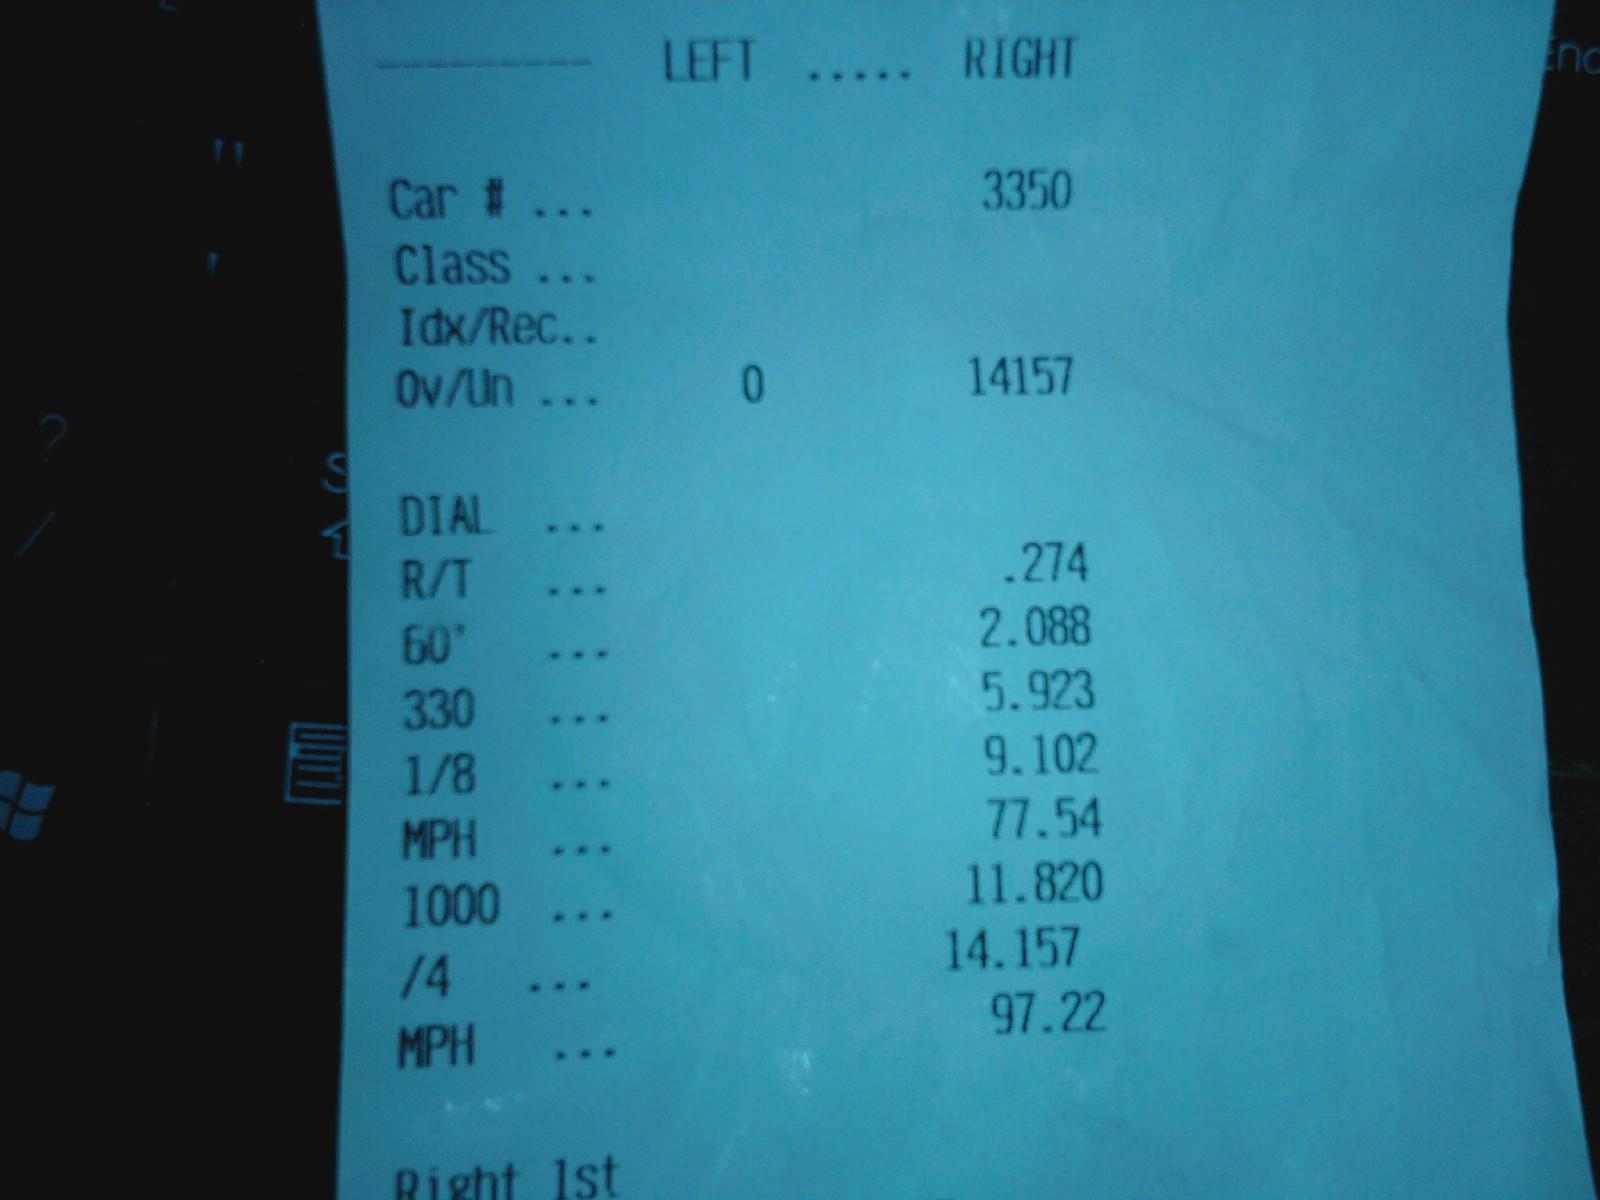 2004 Pontiac Grand Prix Gtp Comp G